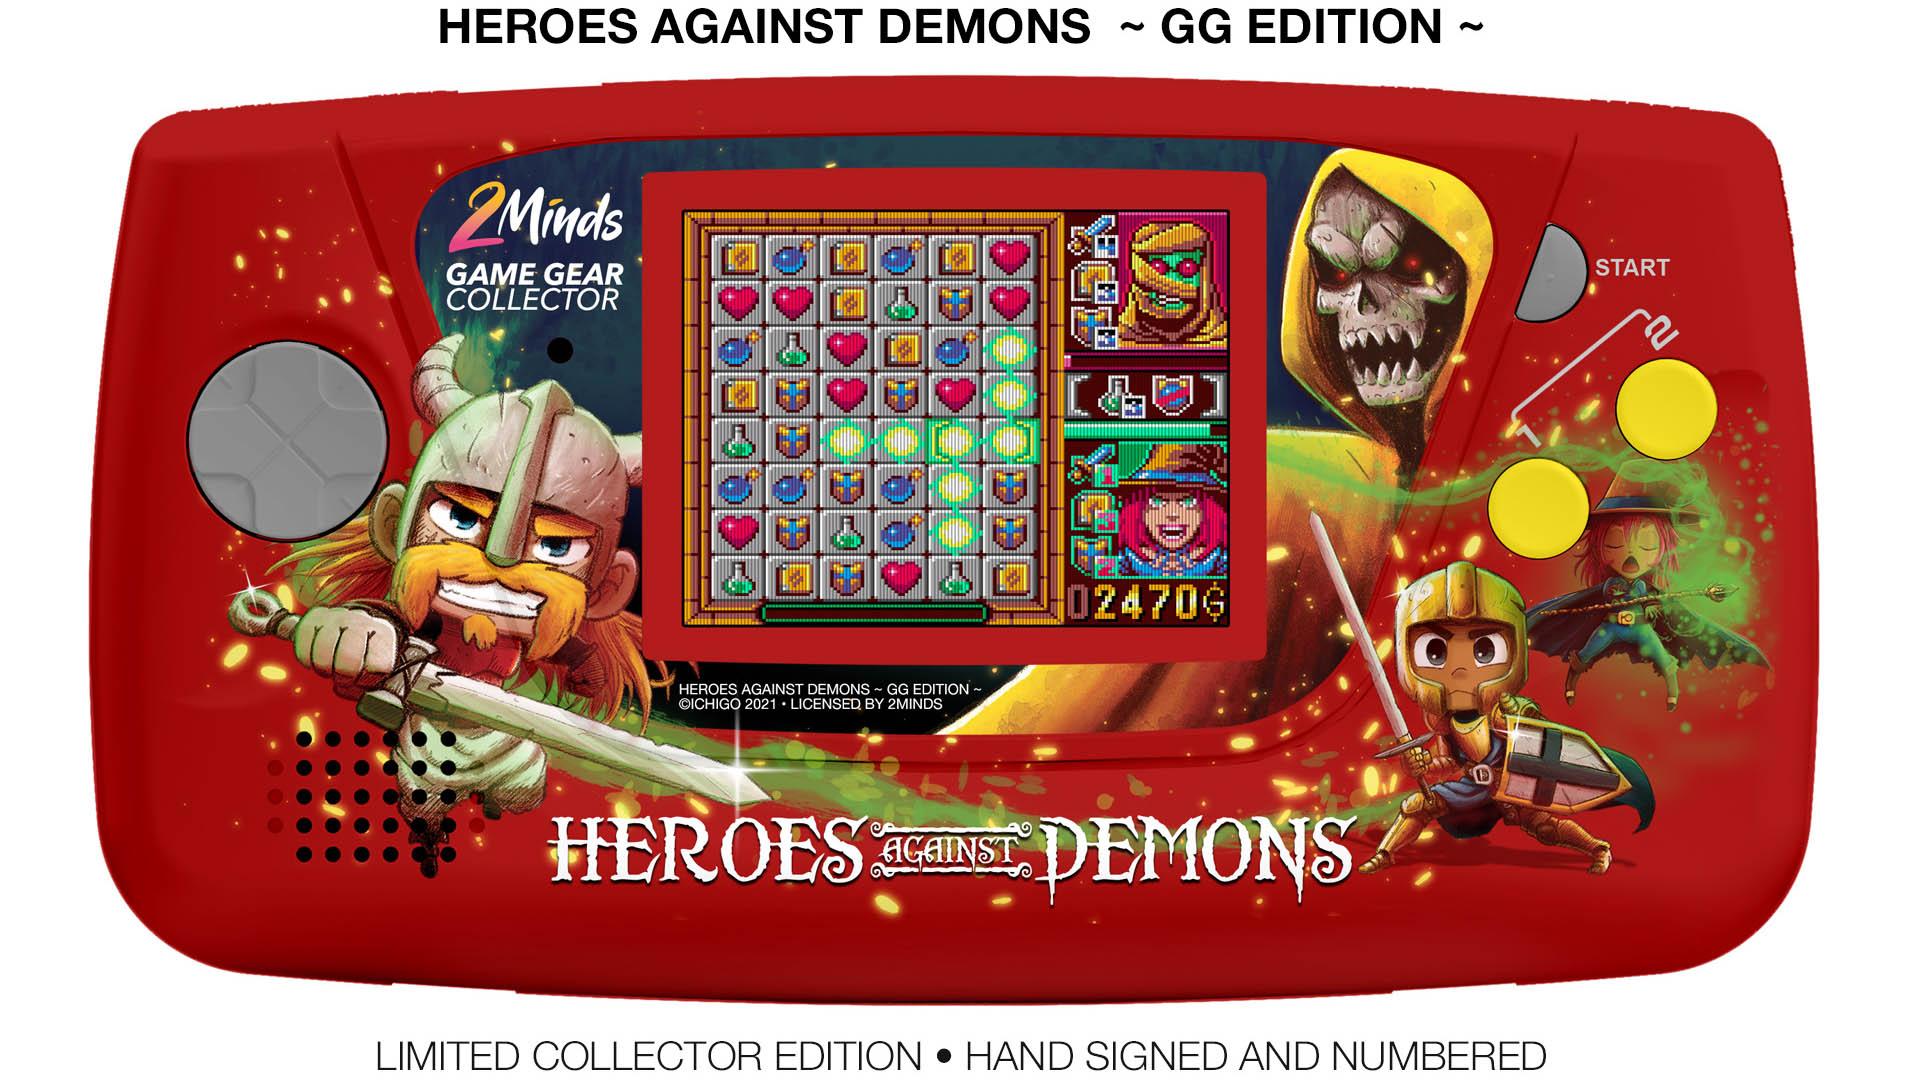 Pre-Order Game Gear: Heroes Against Demons